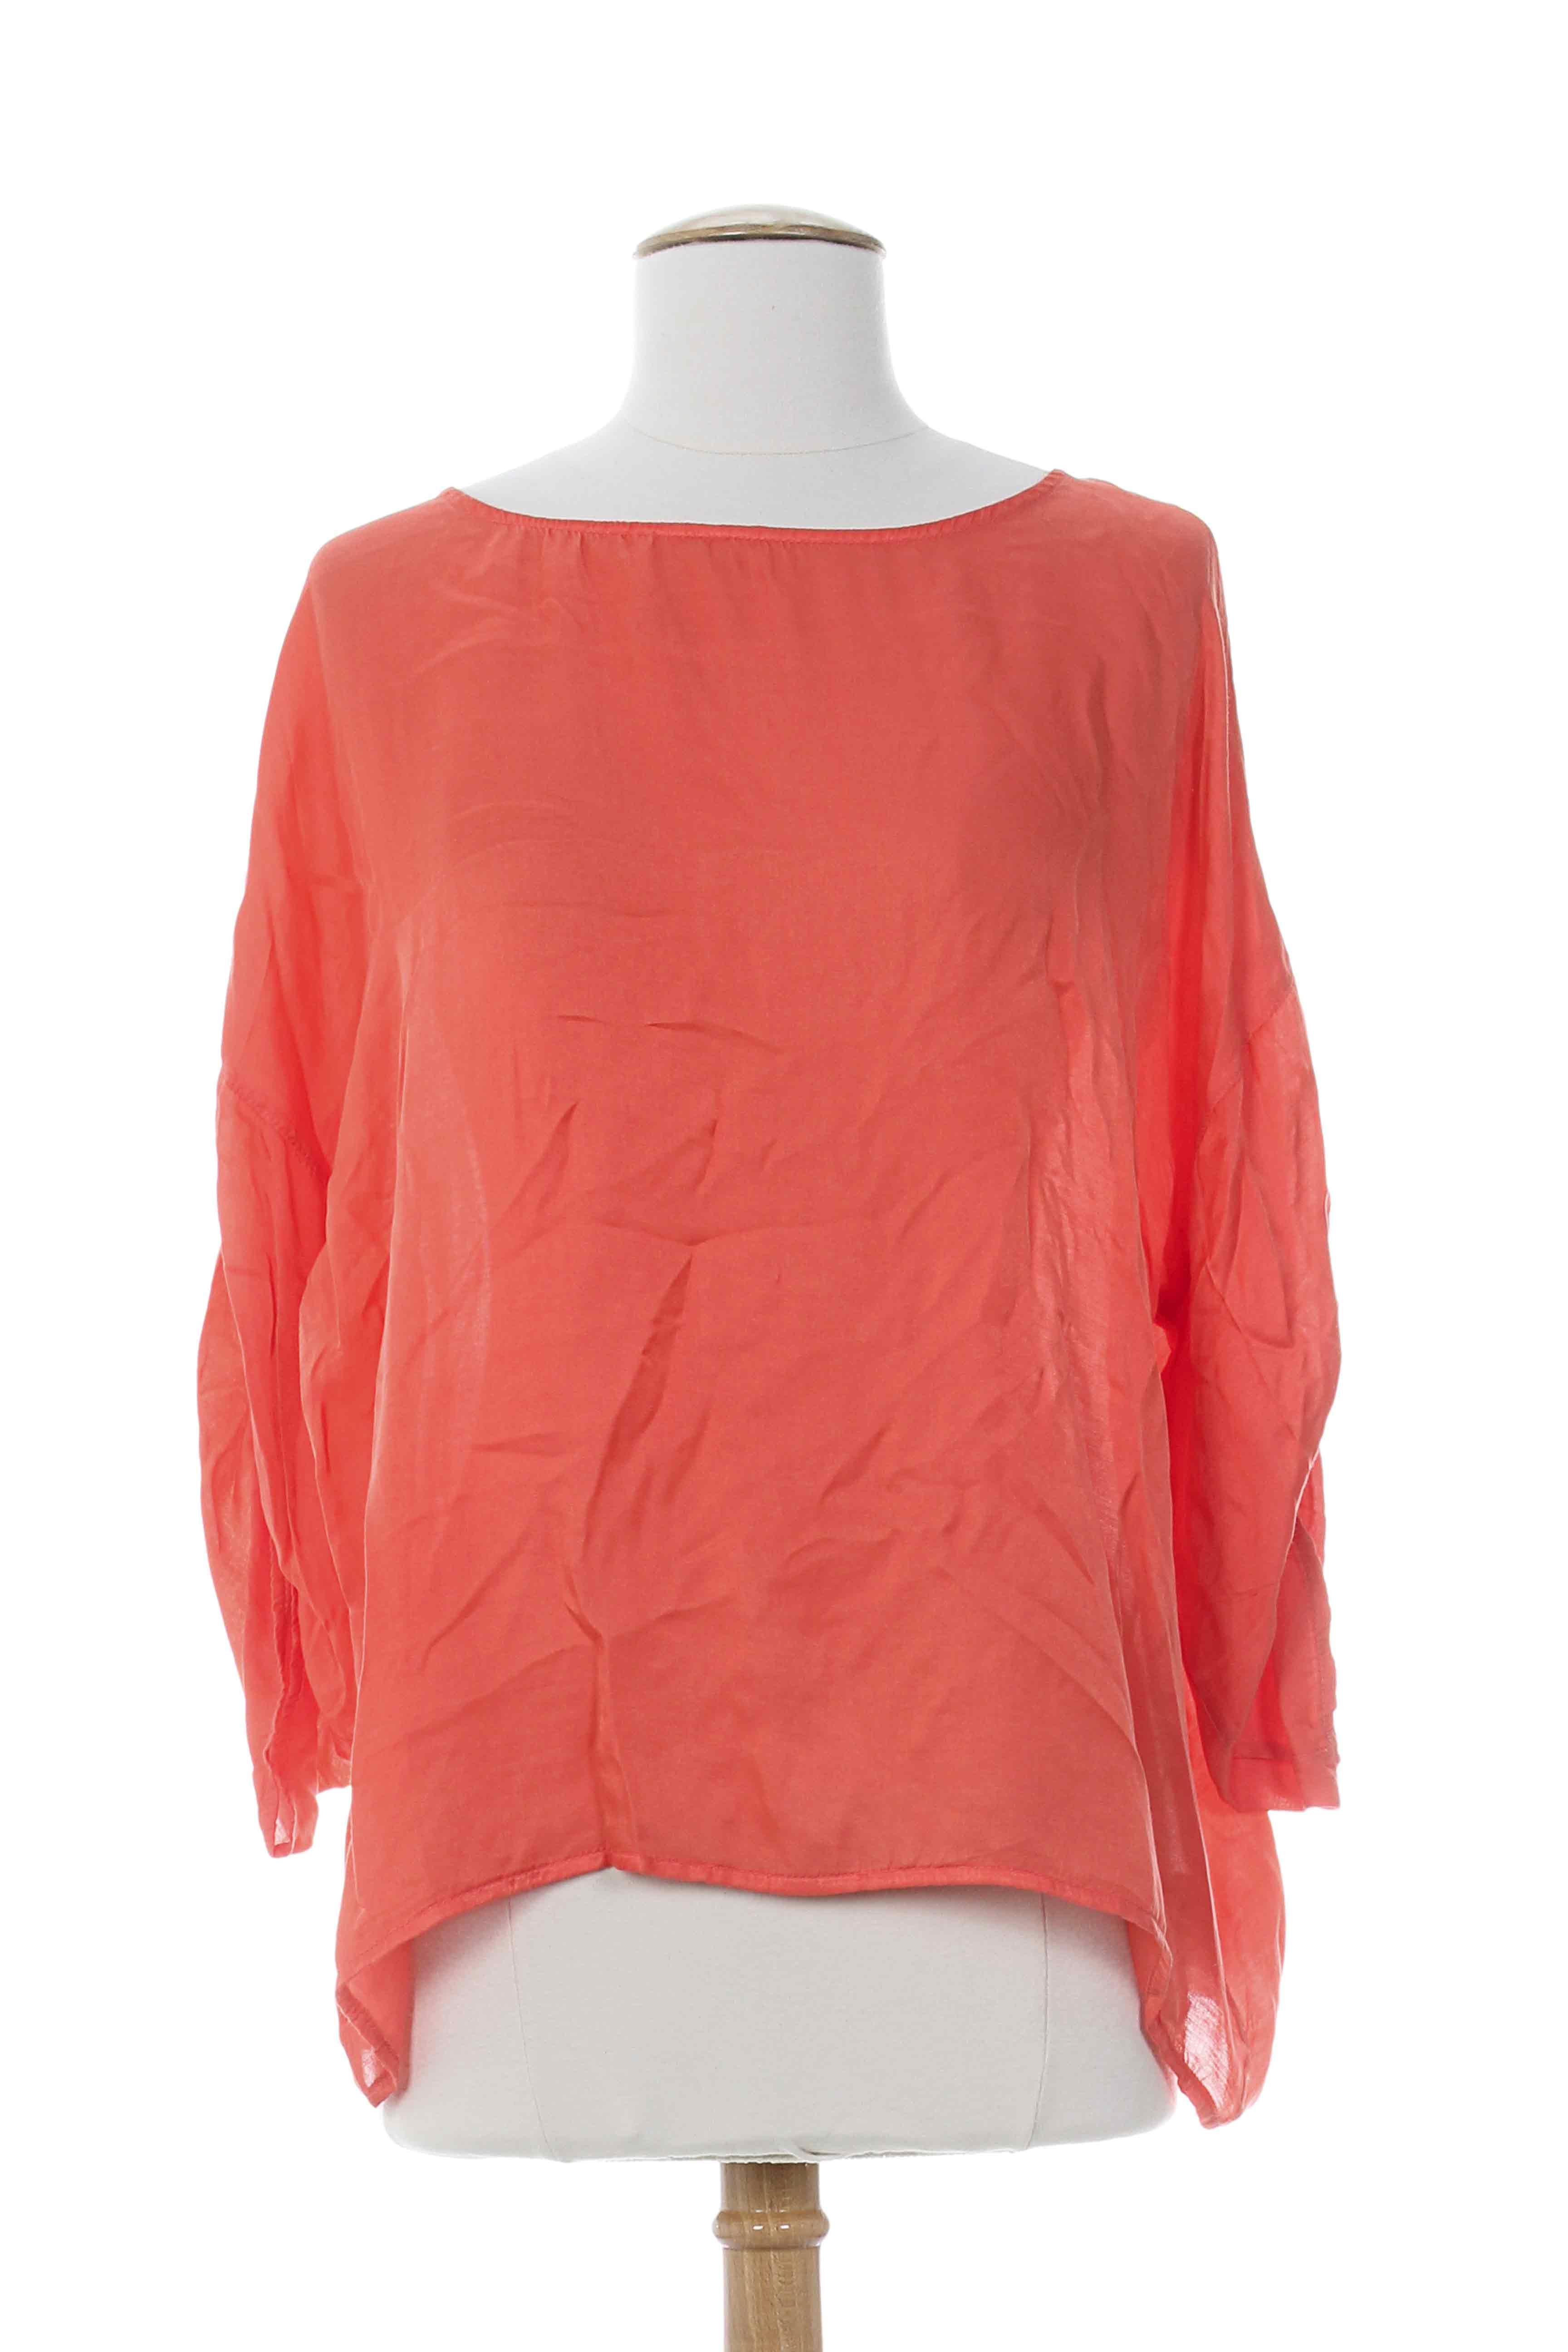 La fee maraboutee blouses femme de couleur orange en soldes pas cher 663396 o - Fee maraboutee soldes ...